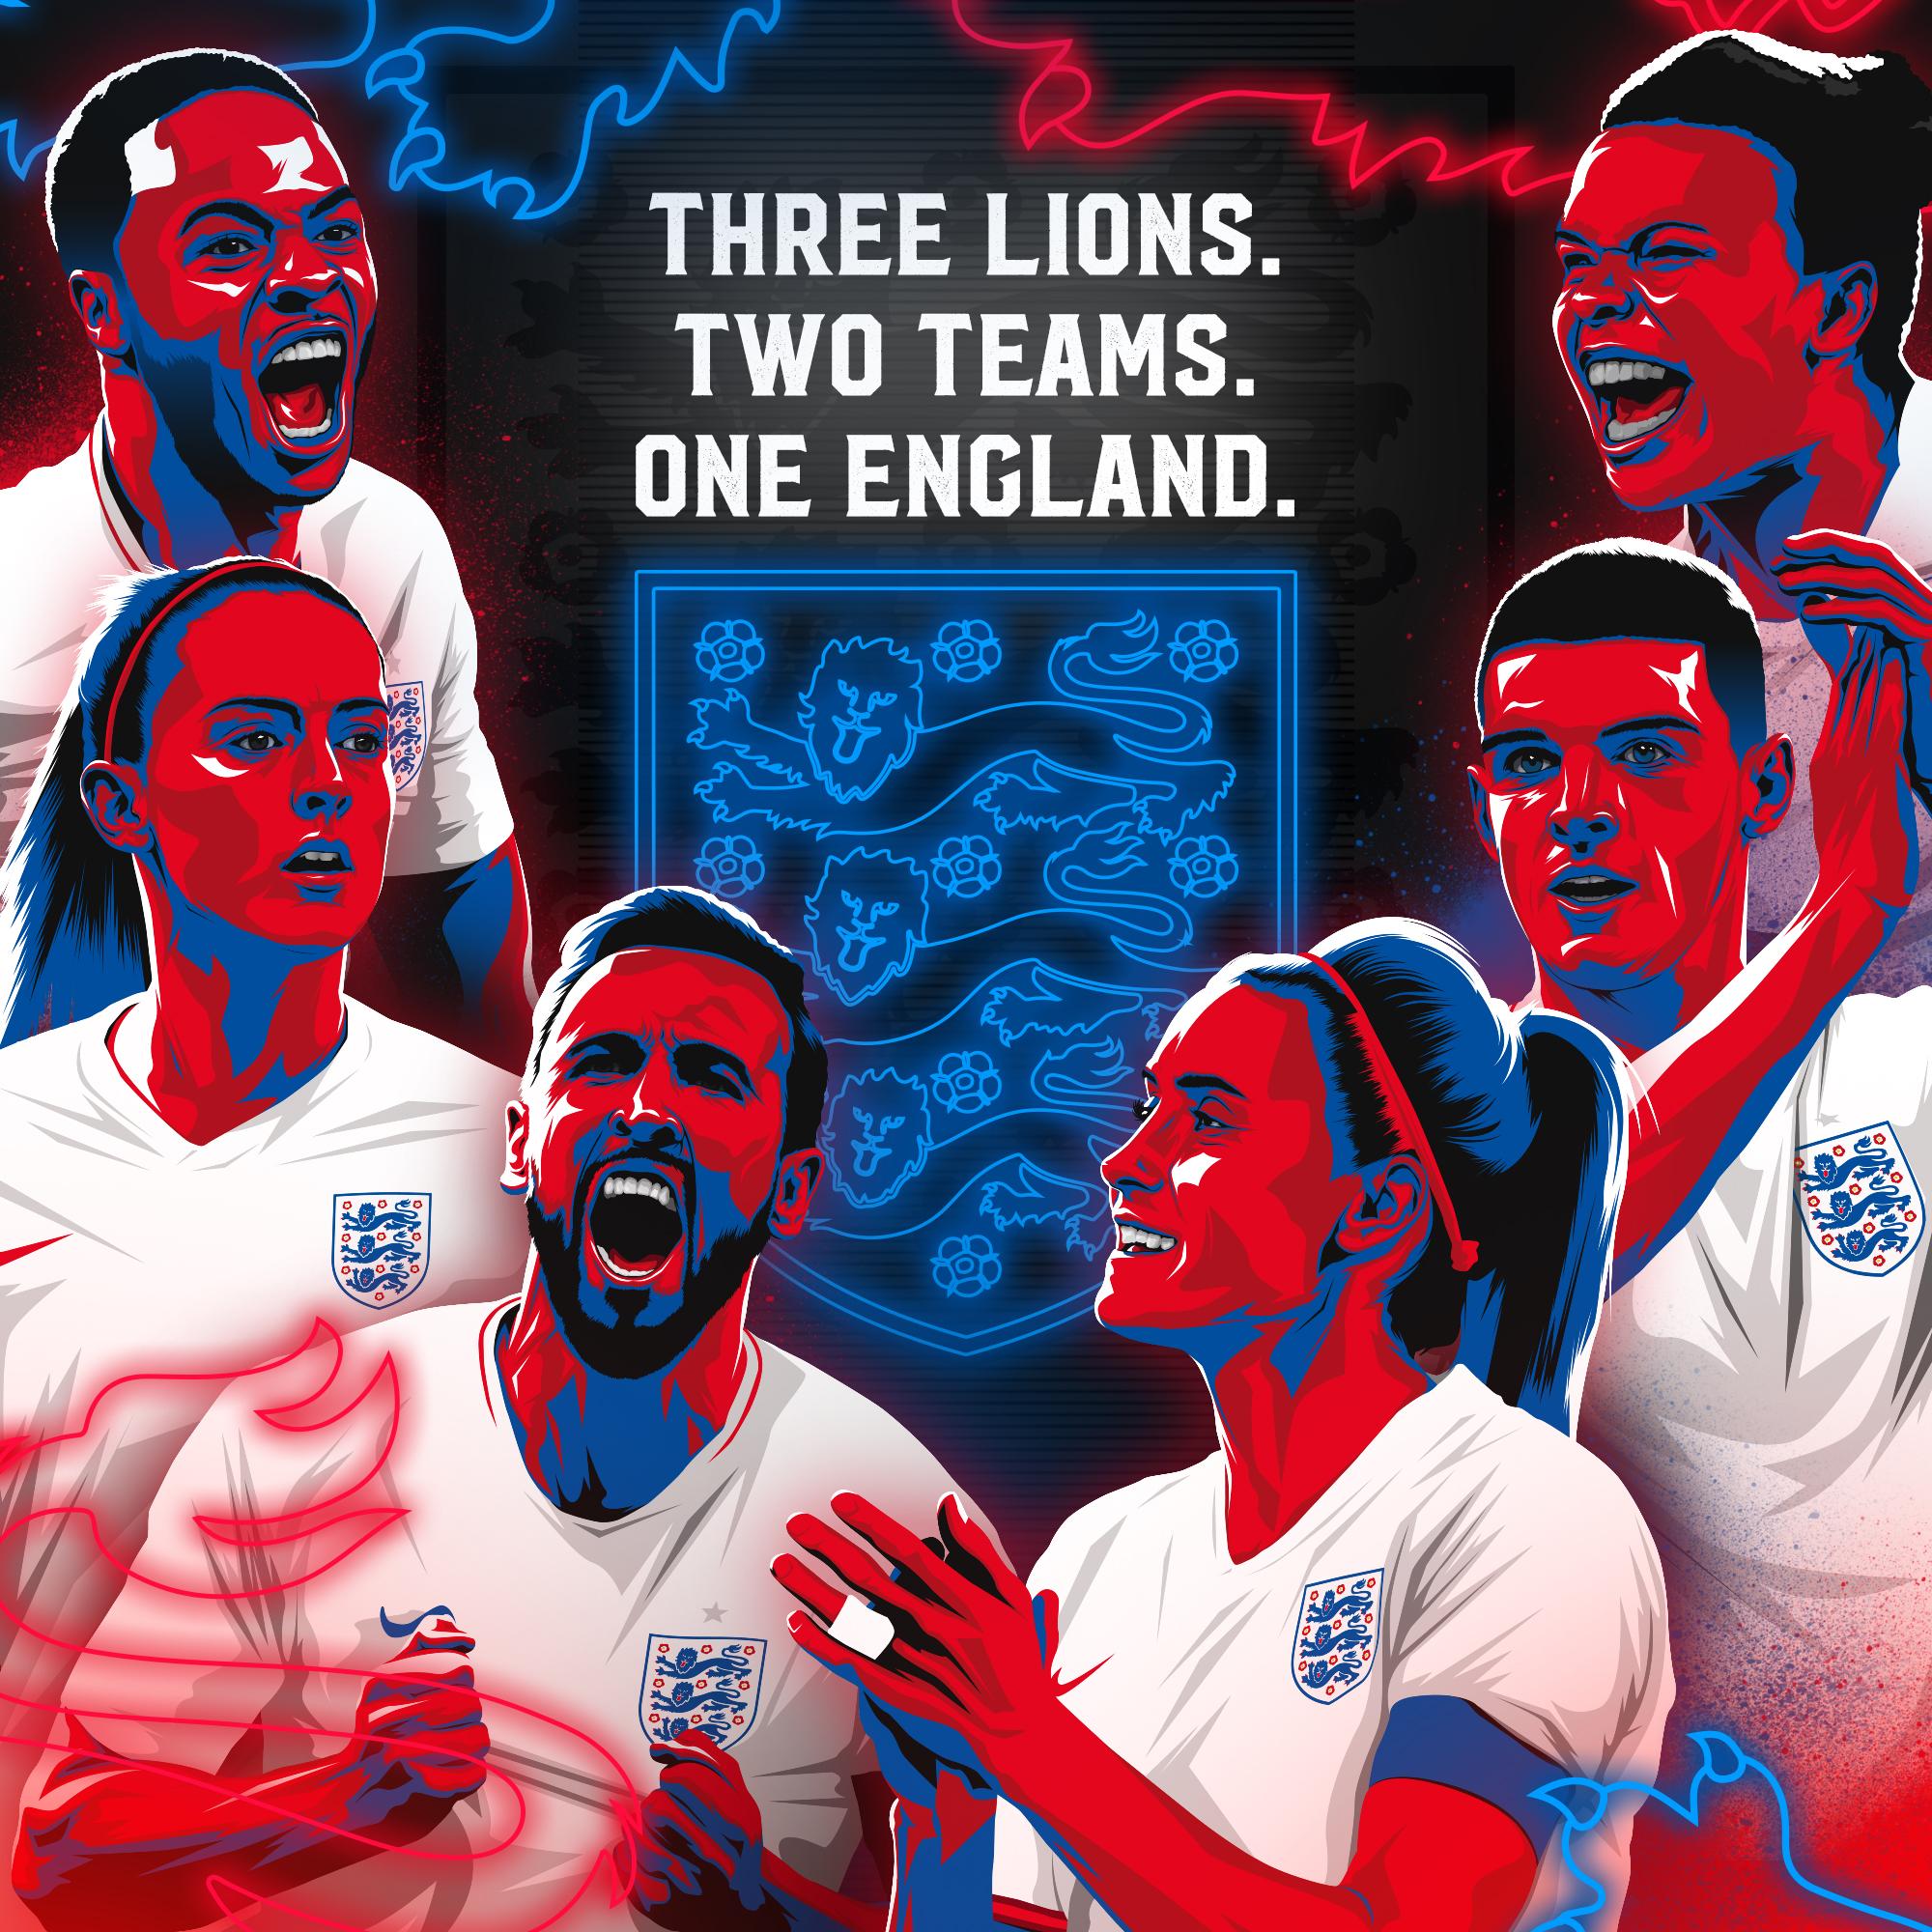 England 3 Lions 2 Teams 1 England Square